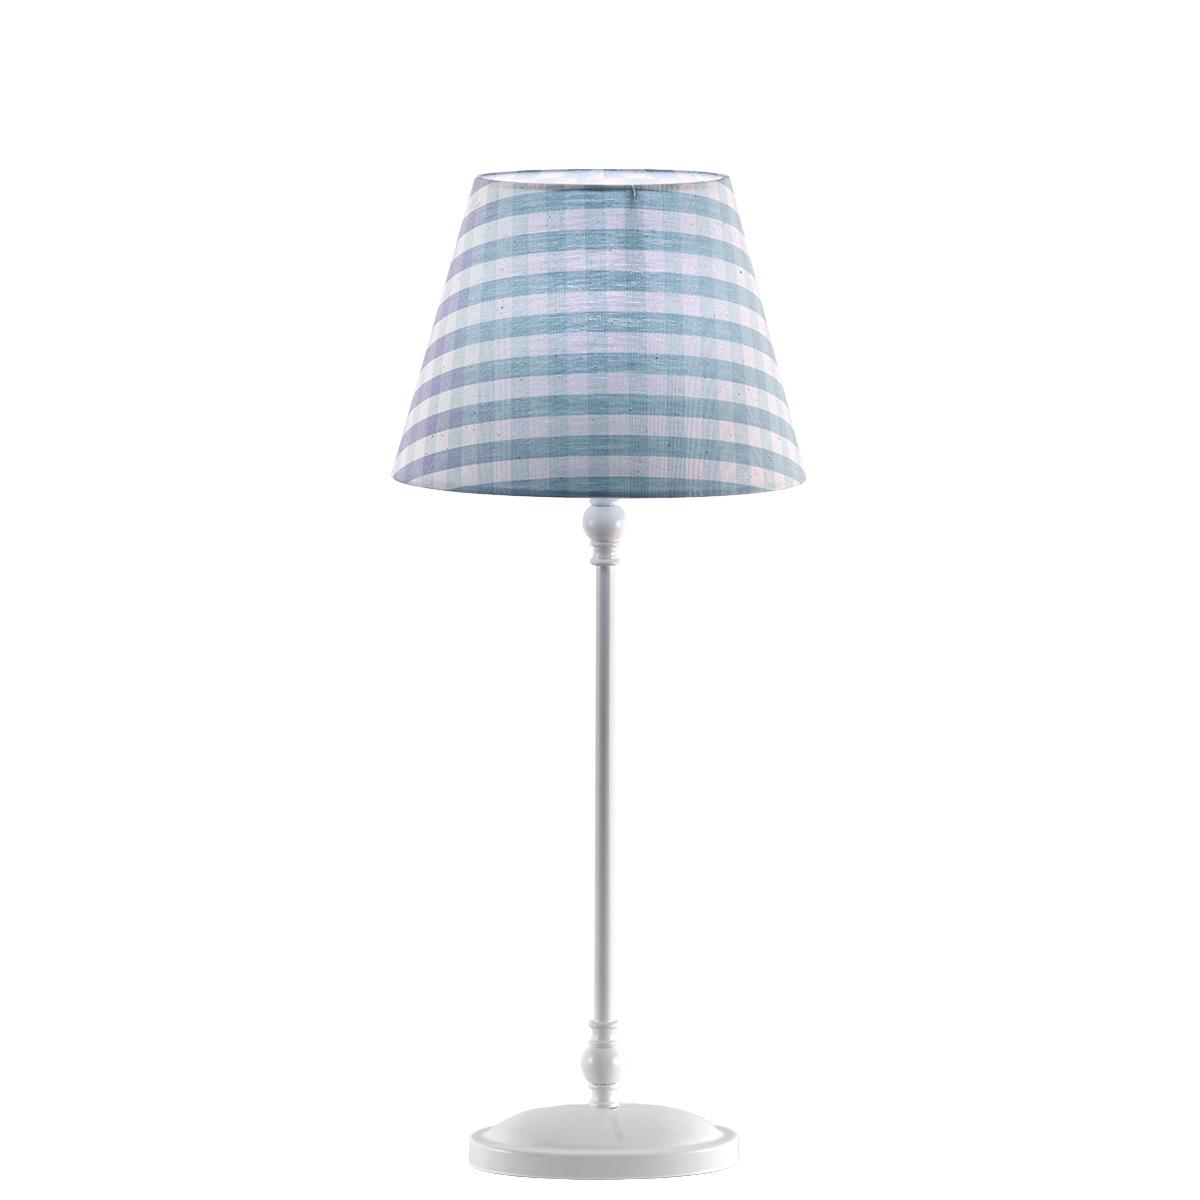 Επιτραπέζιο φωτιστικό με σιέλ καρό καπέλο BIANCO table lamp